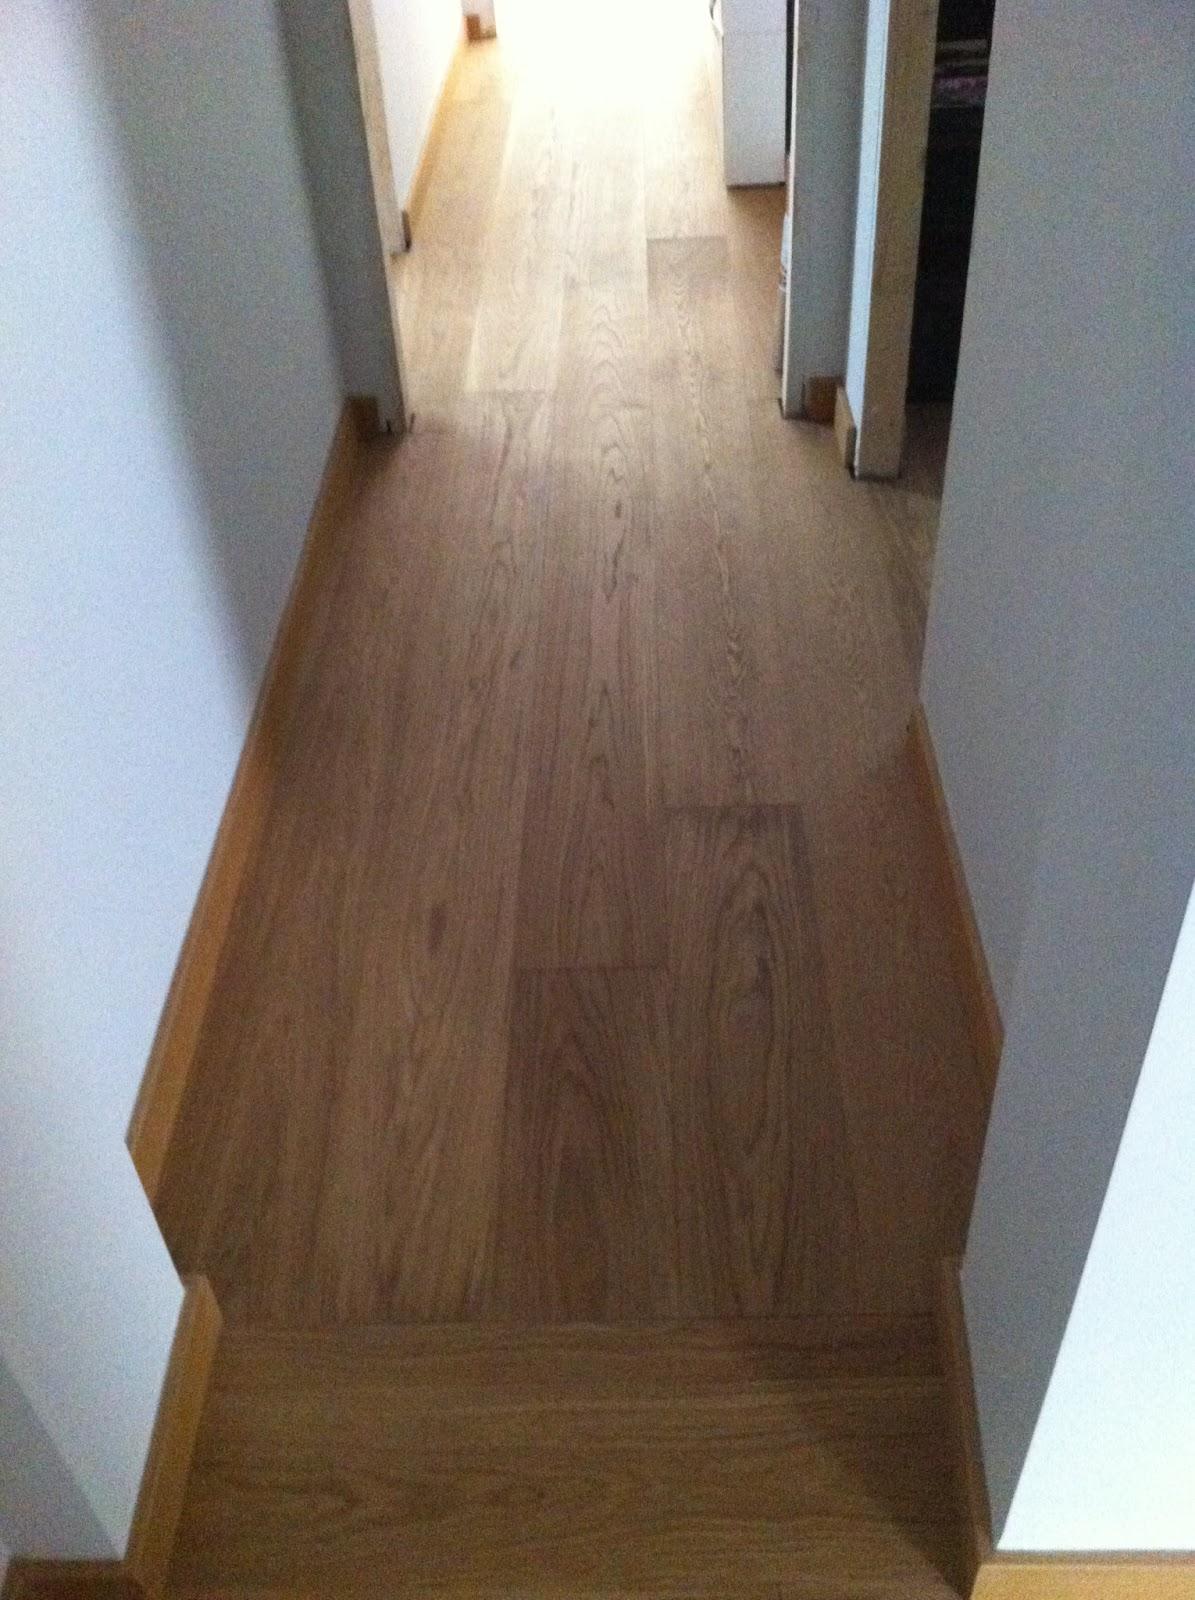 Direcci n de colocaci n de las piezas de suelos de parquet for Suelos laminados o vinilicos